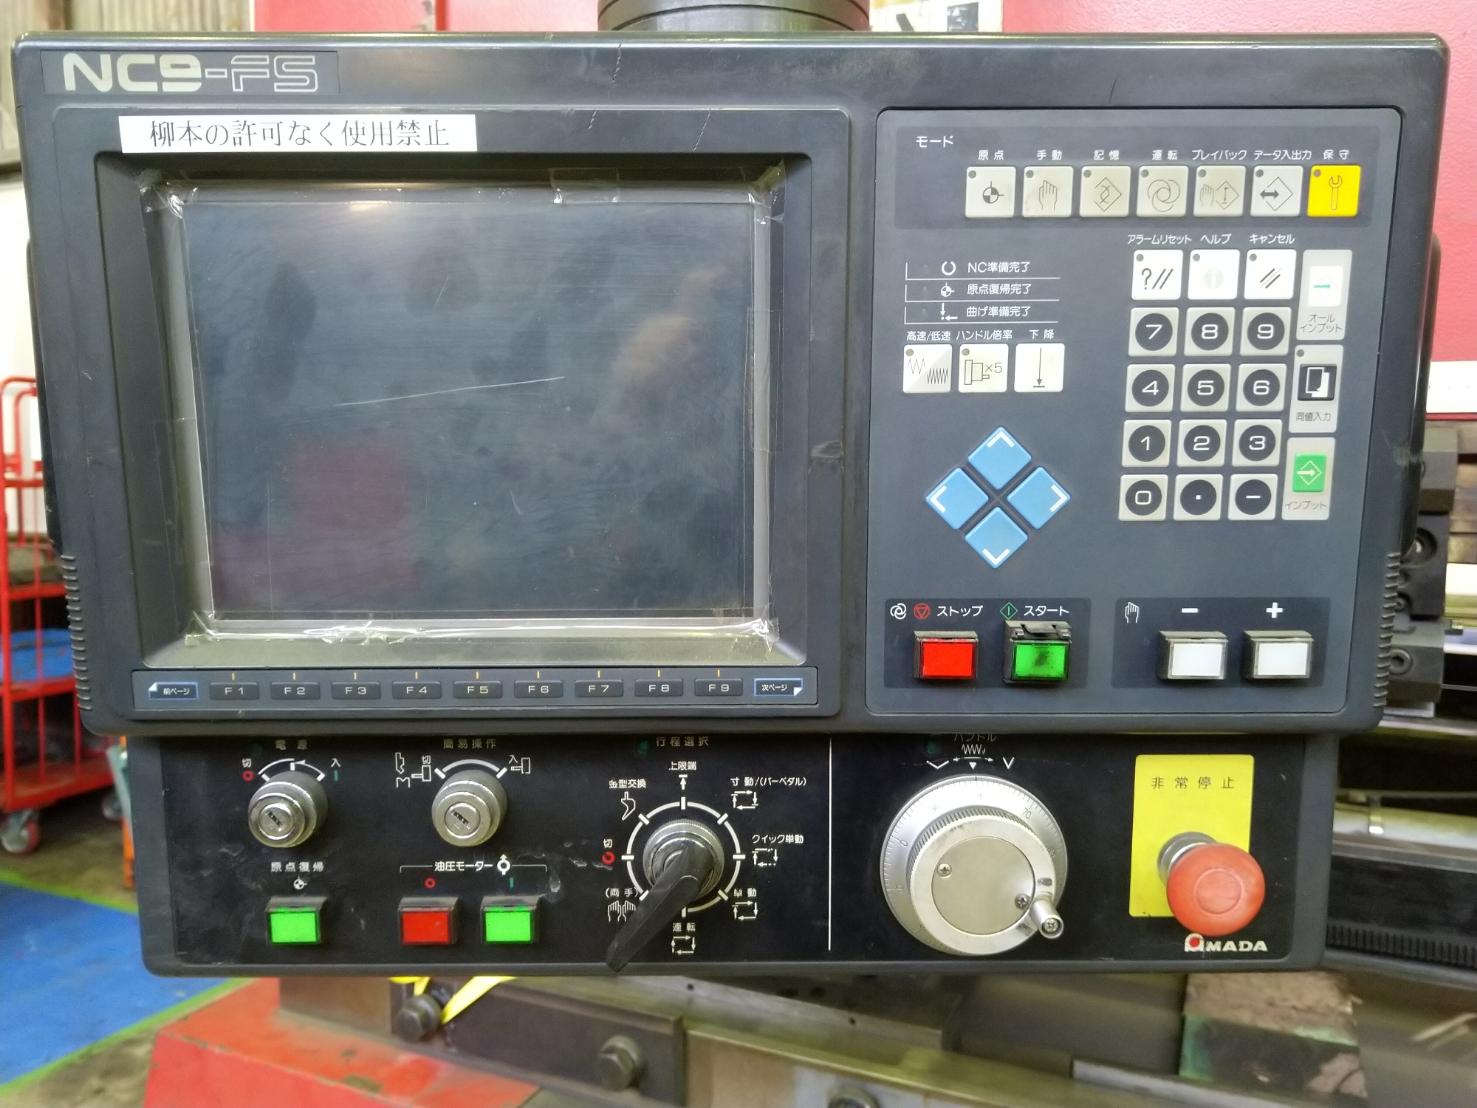 アマダ_FBD-1253FS_3000mm油圧ベンダー